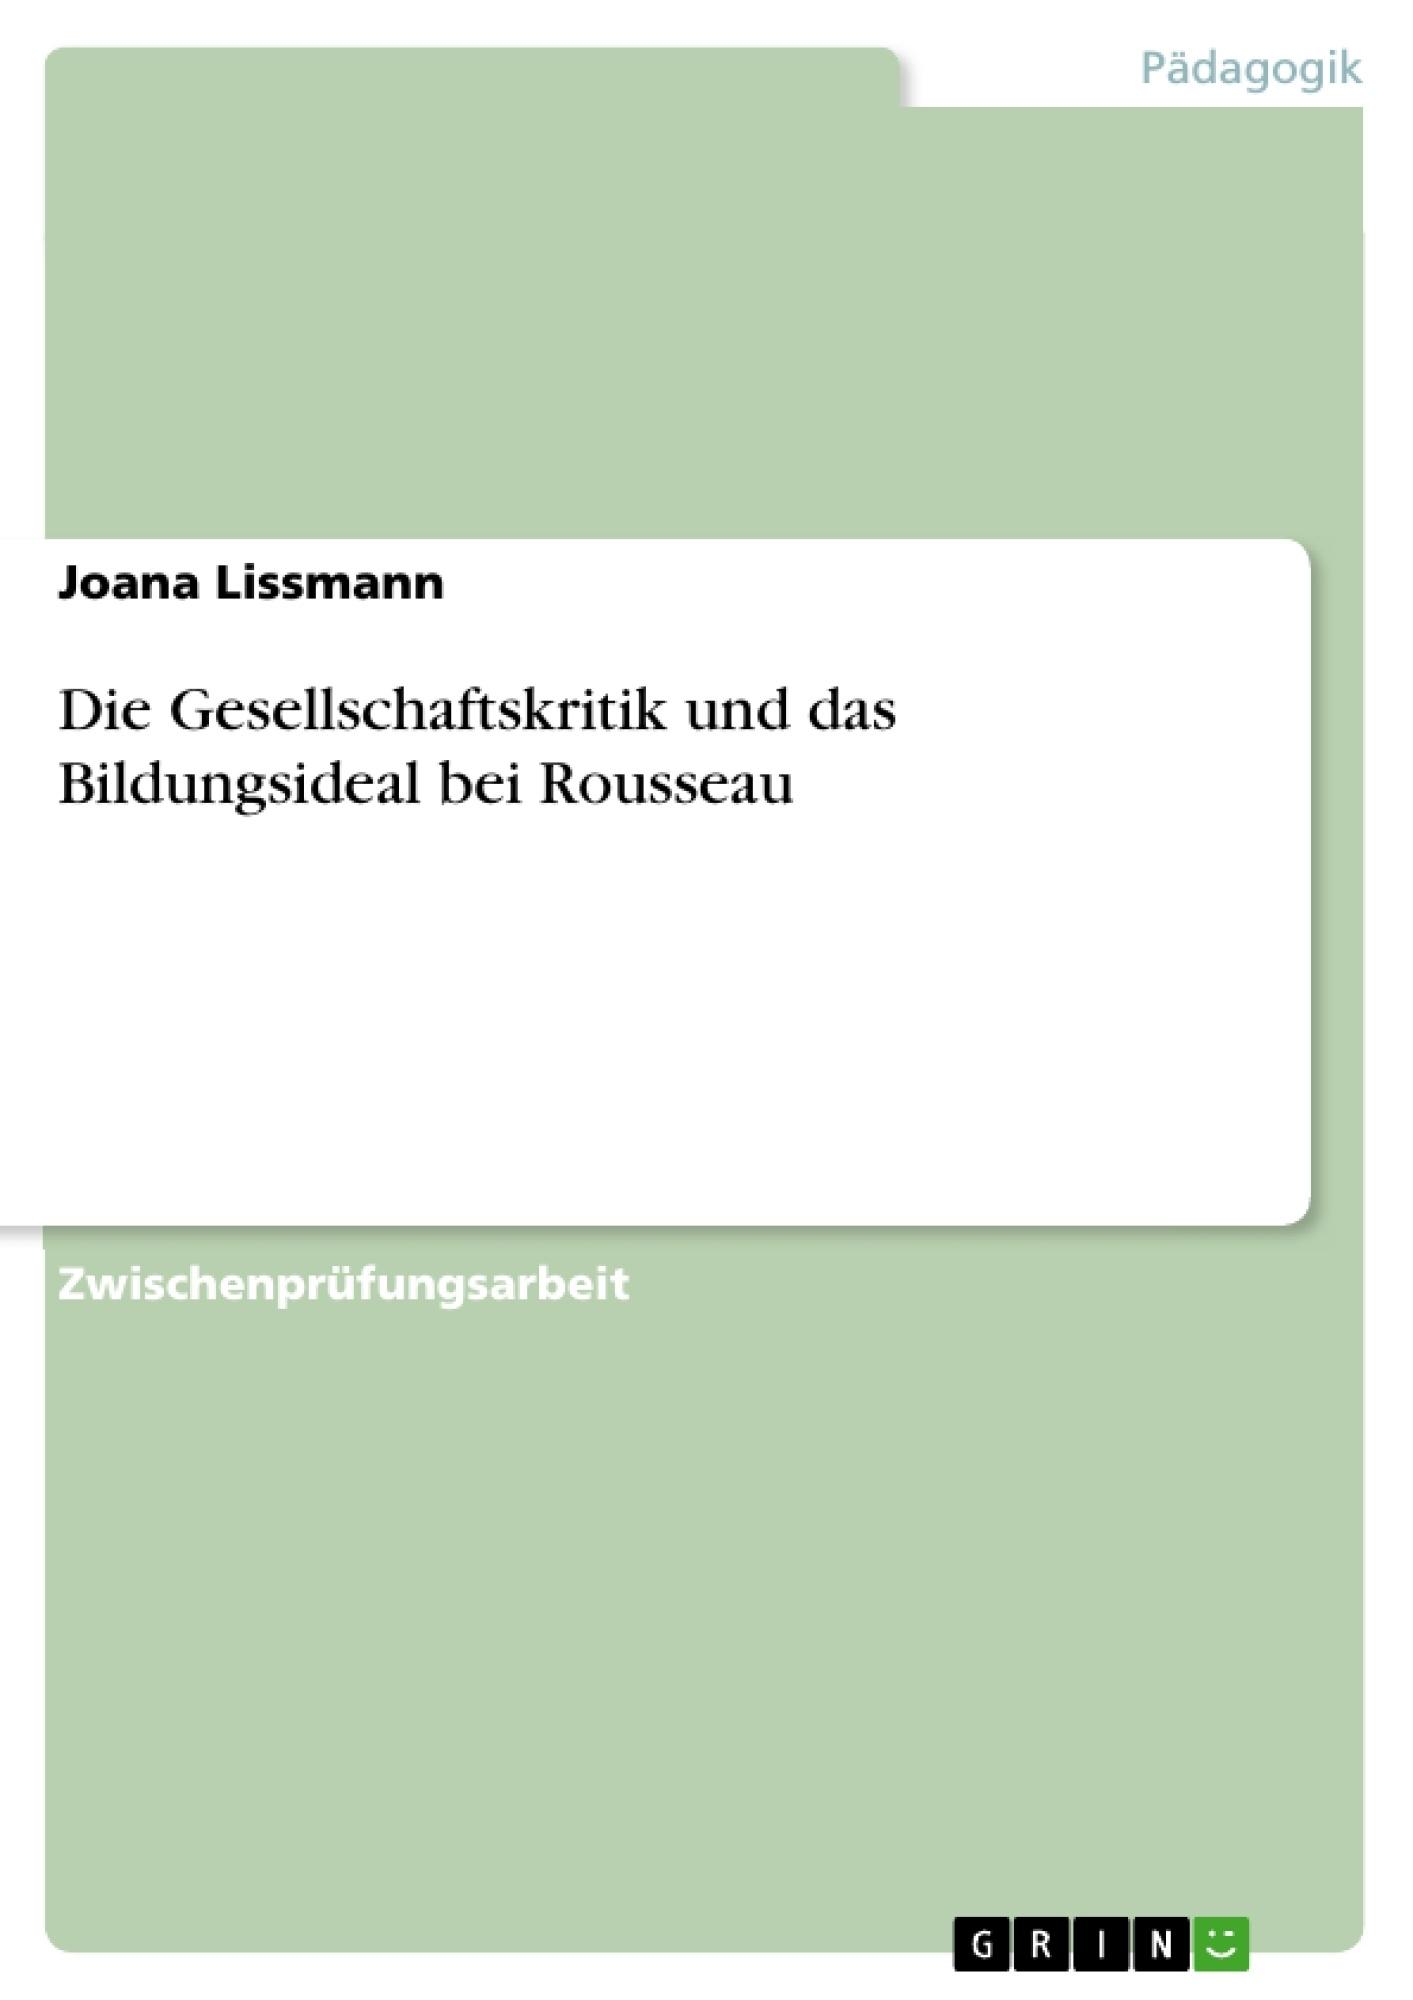 Titel: Die Gesellschaftskritik und das Bildungsideal bei Rousseau